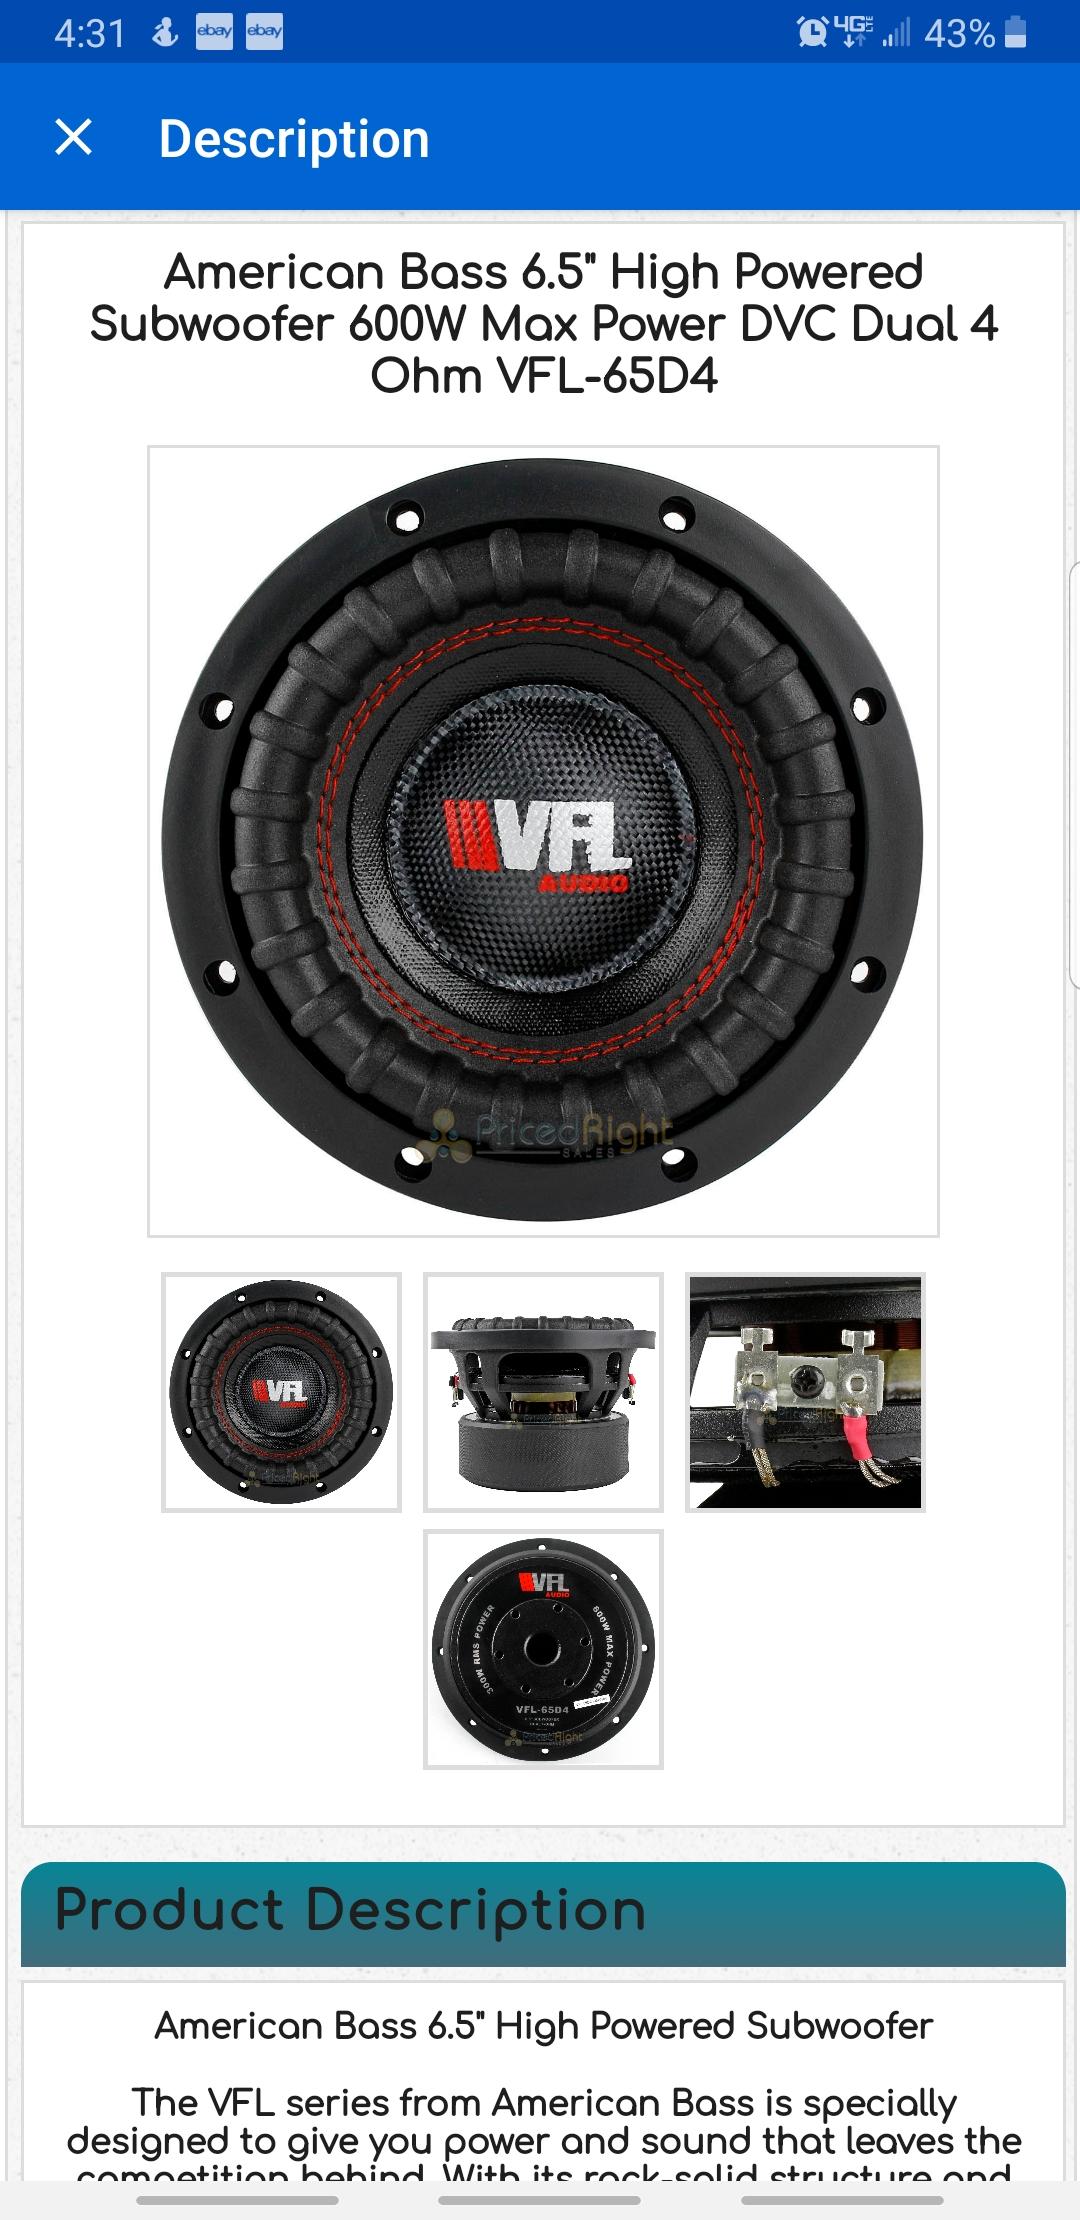 Screenshot_20191112-043110_eBay.jpg